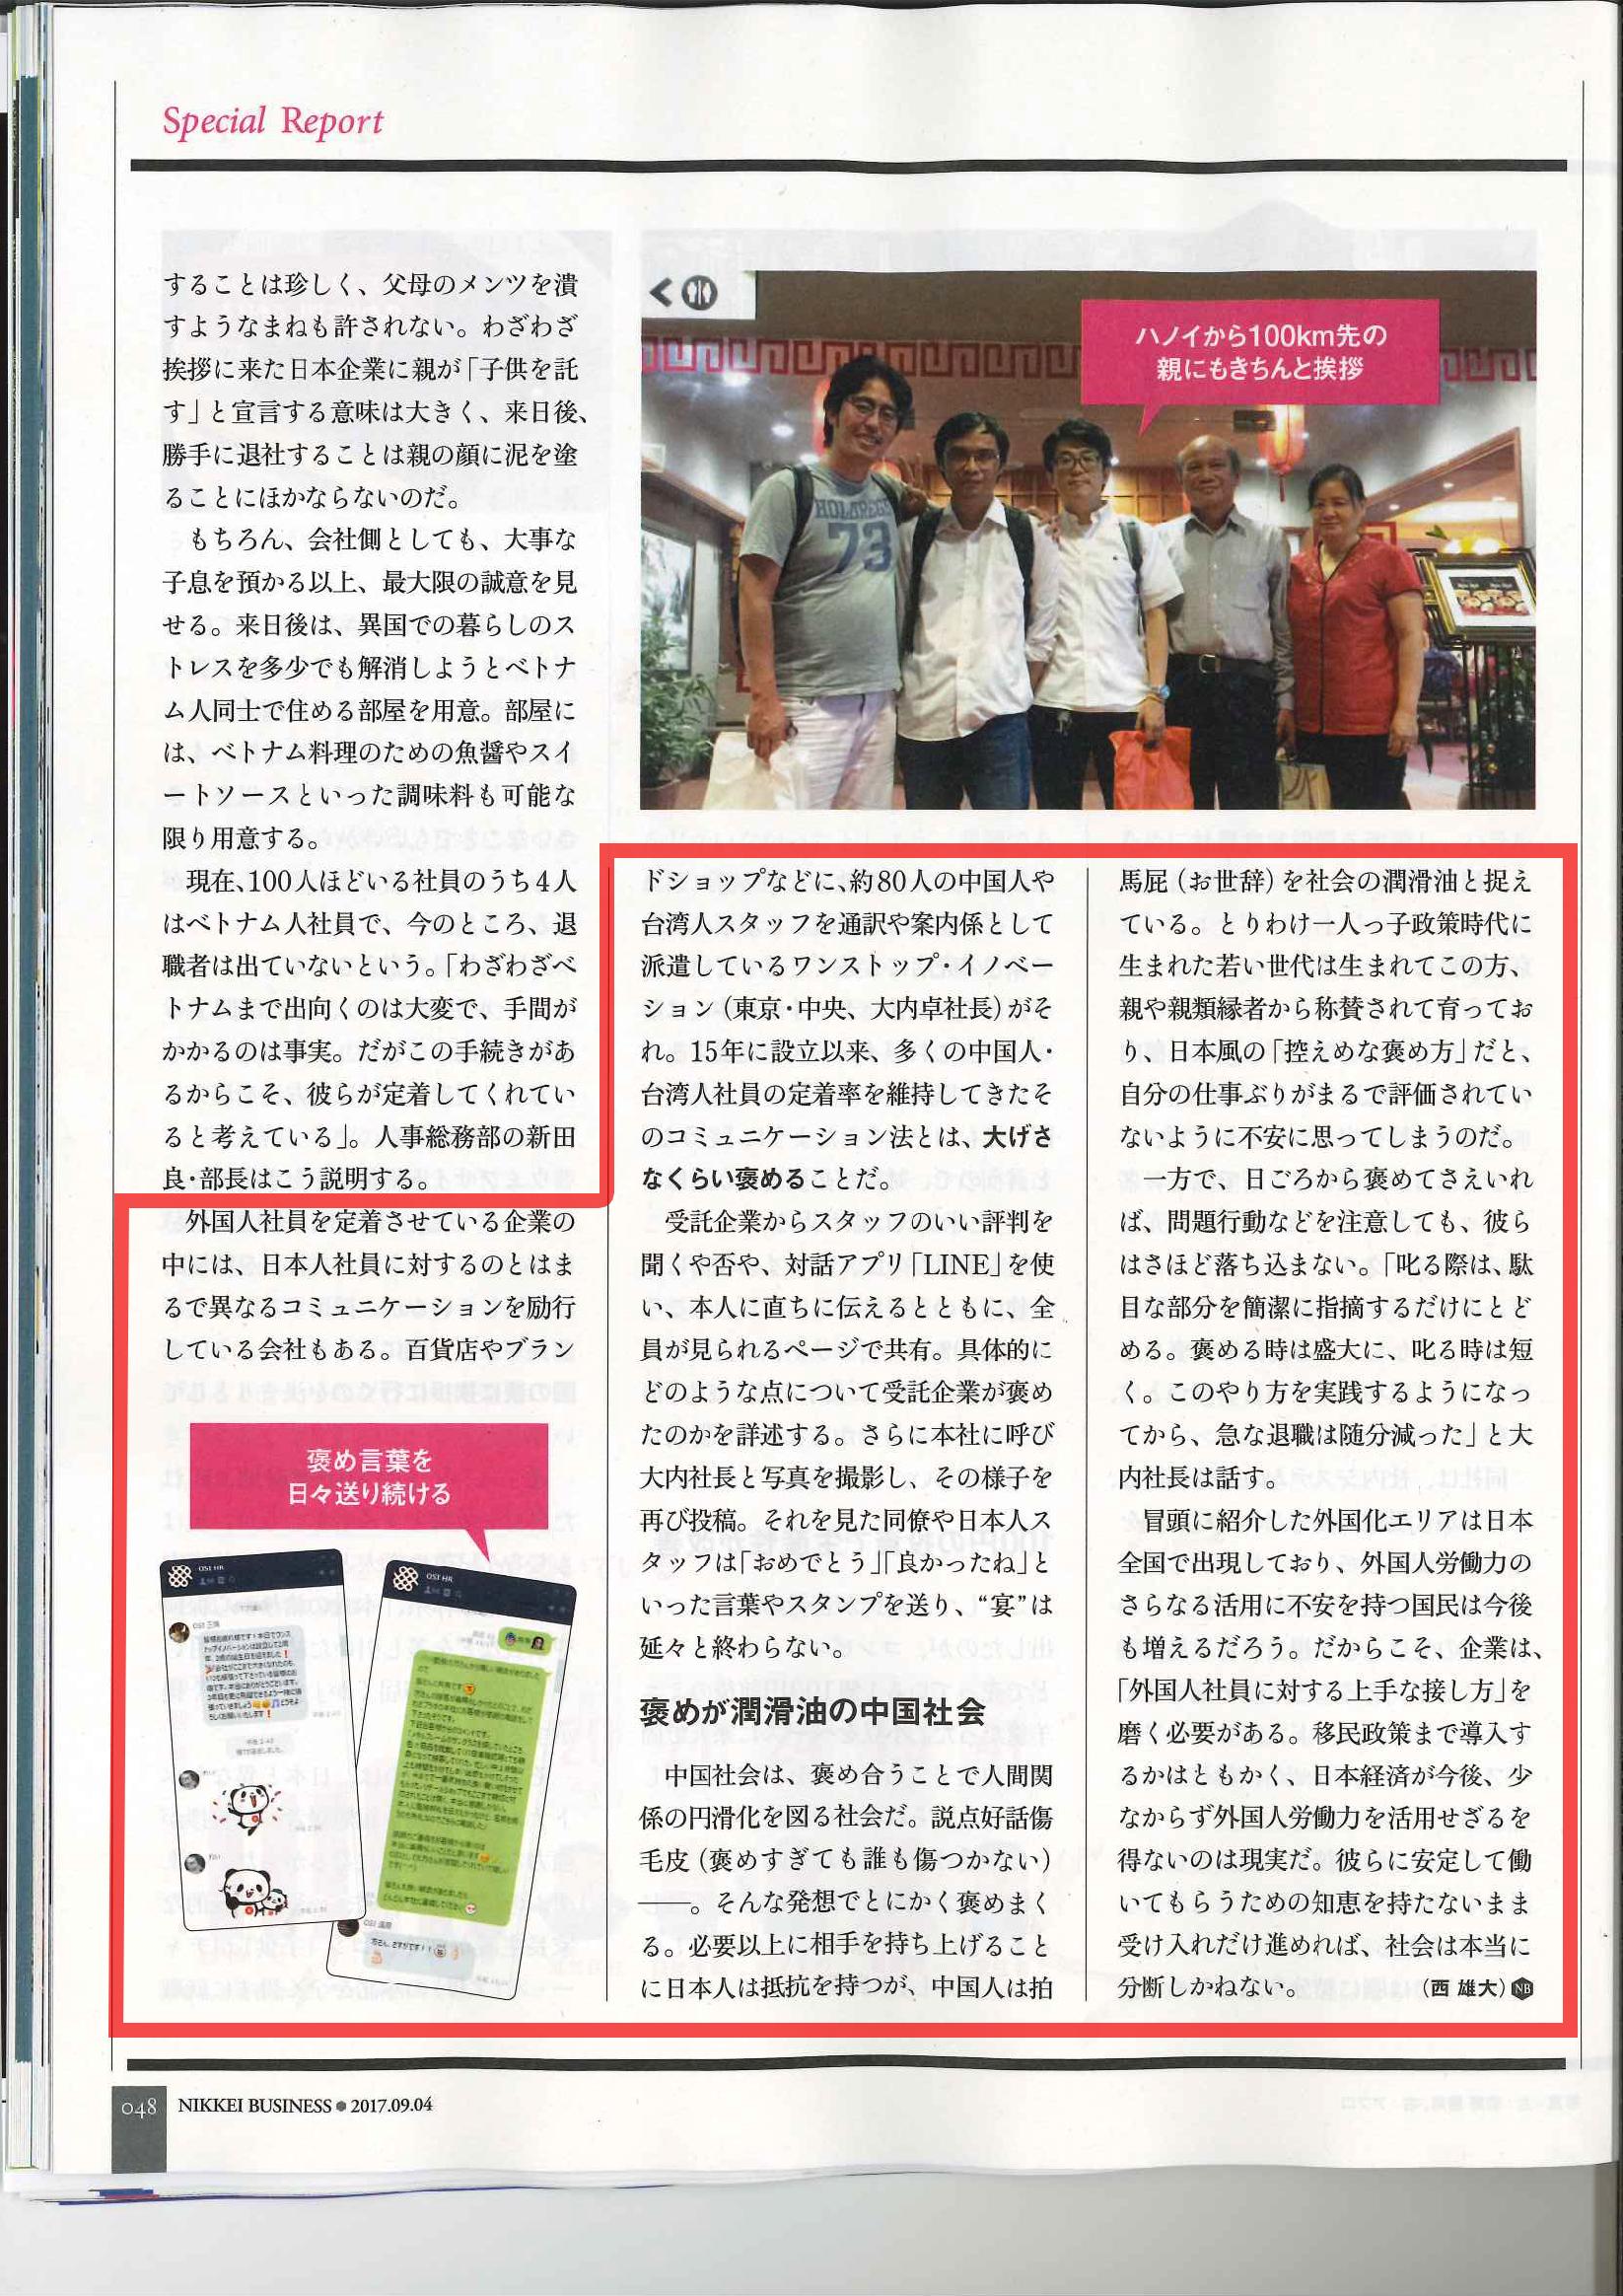 2017年9月4日号_日経ビジネス記事_ページ_3_画像_0001